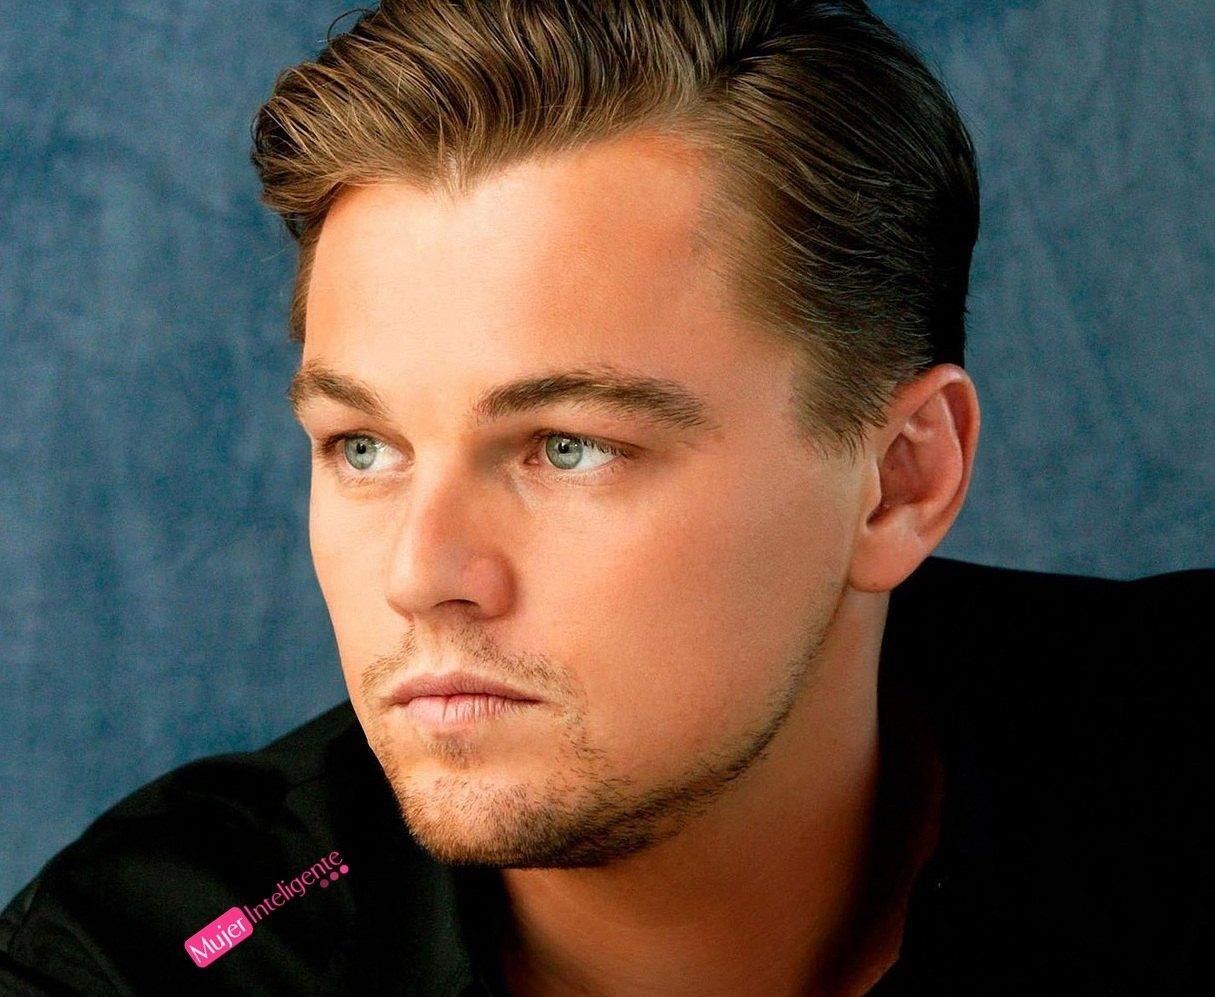 Leonardo DiCaprio actualidad: su deseo de hacer una pausa